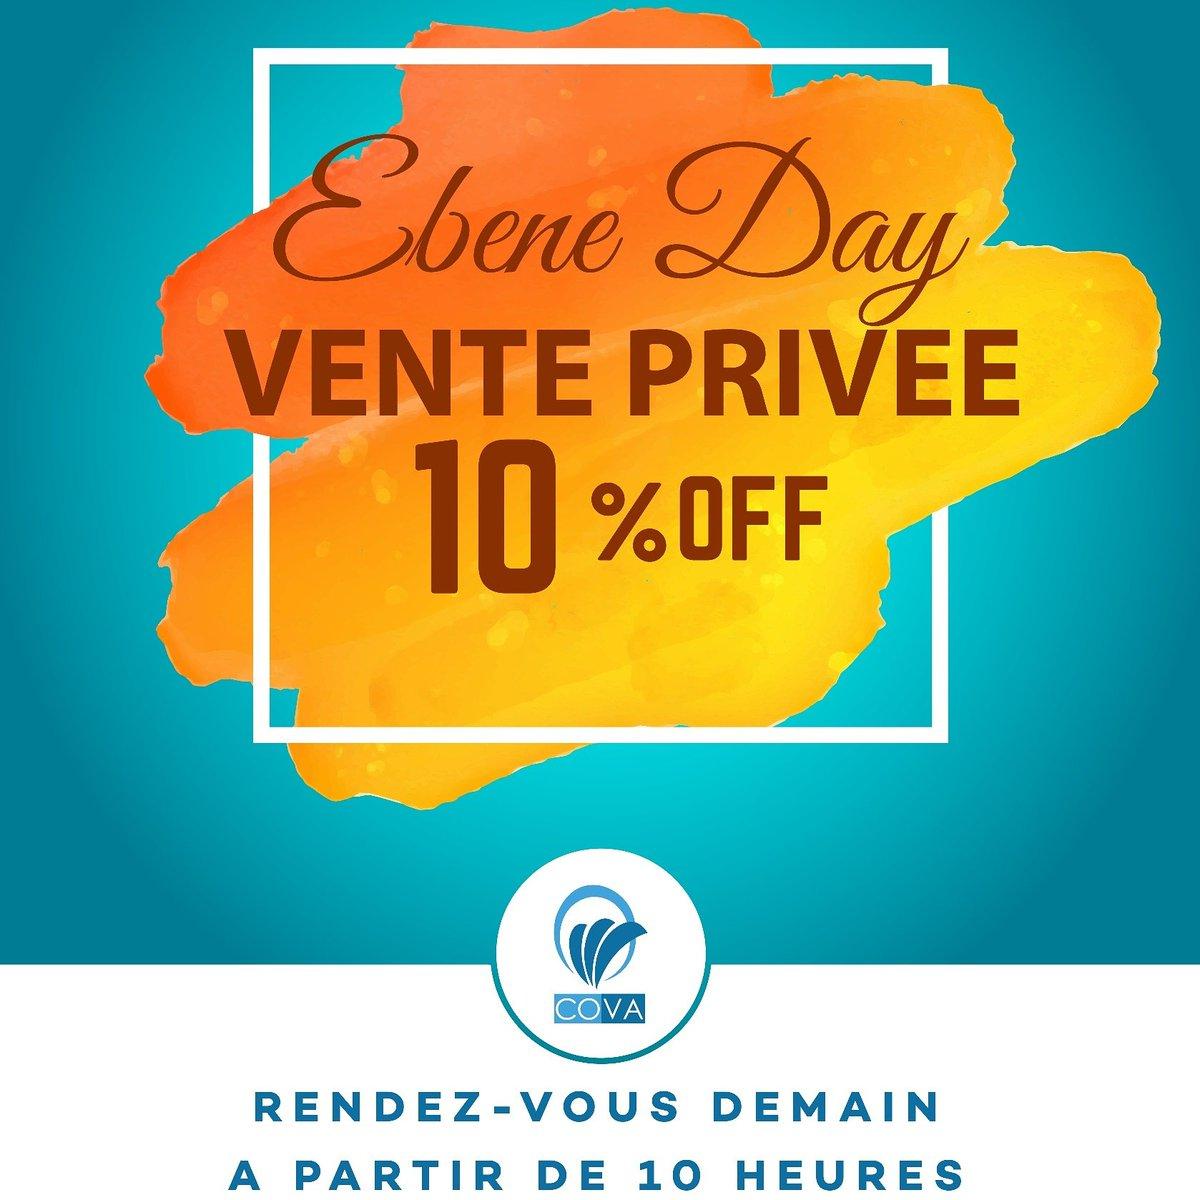 """Doumo On Twitter: """"la Vente Privée Ebene Day, Organisé Par ... tout Vente Privée Jardin"""